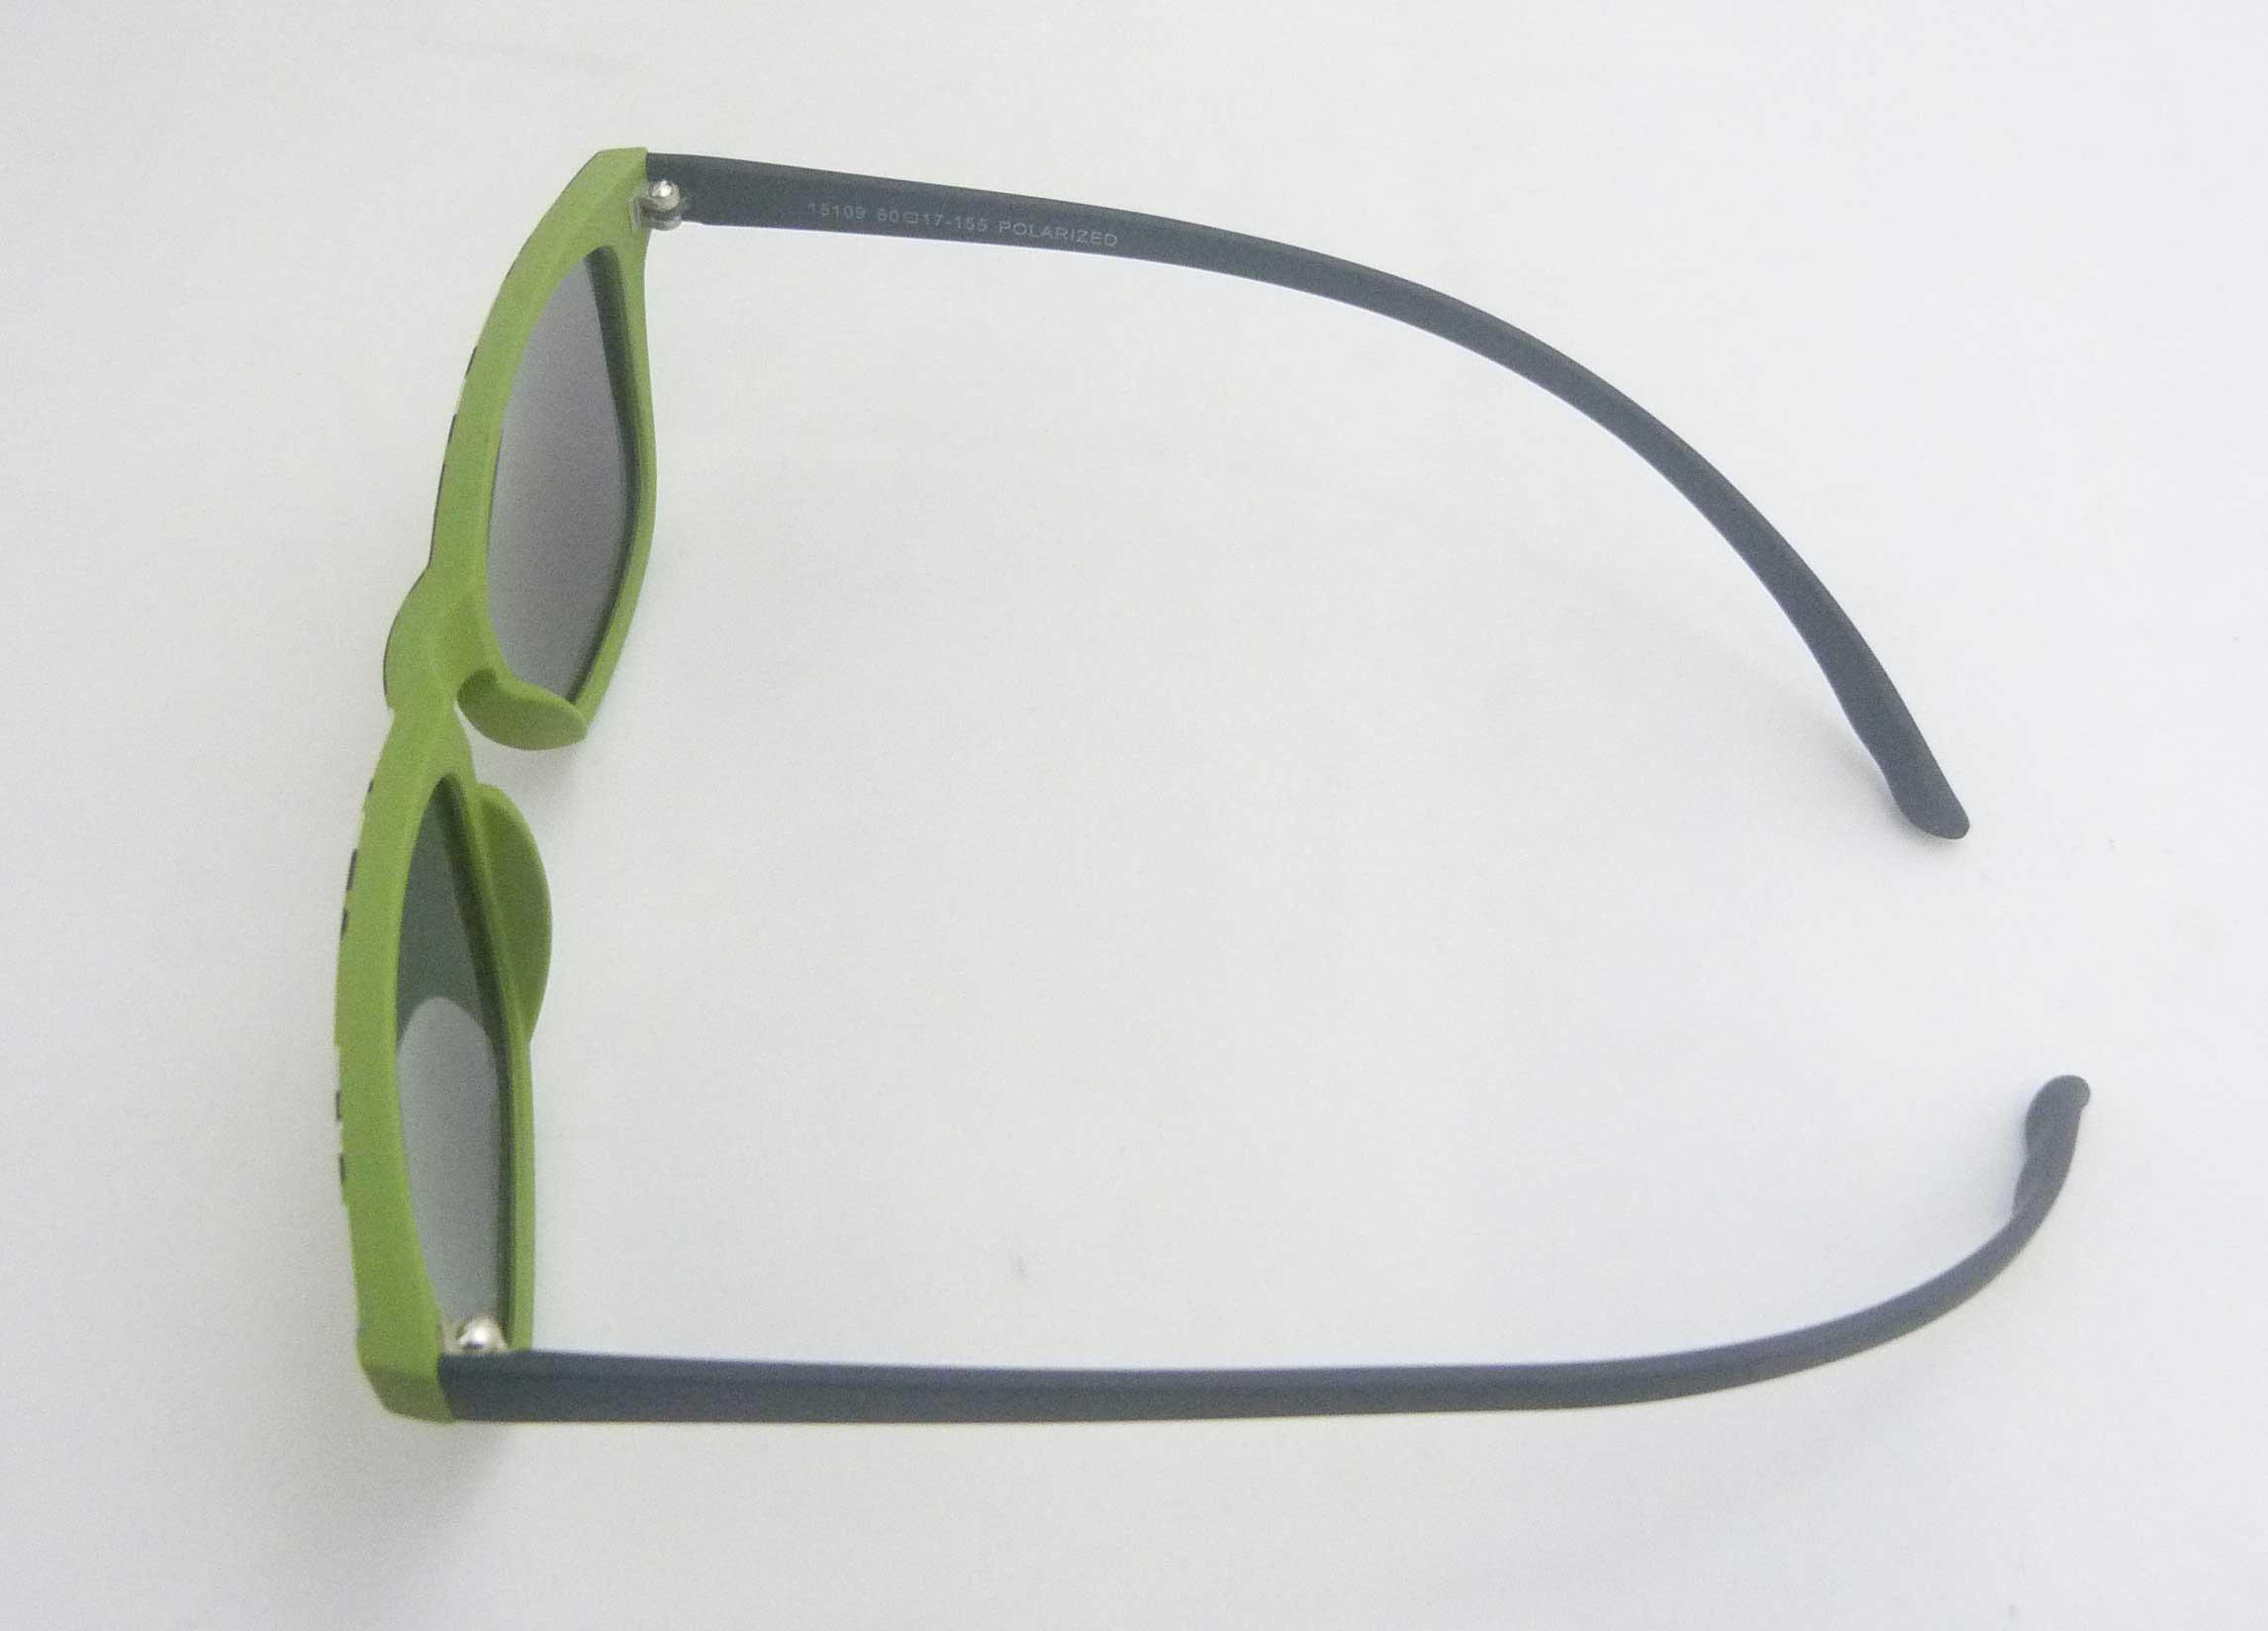 0215109 - Óculos-Solar CS Koala Camuflado 50x17 Verde Mod 15109 FLAG 9  -Contém 1 Peça